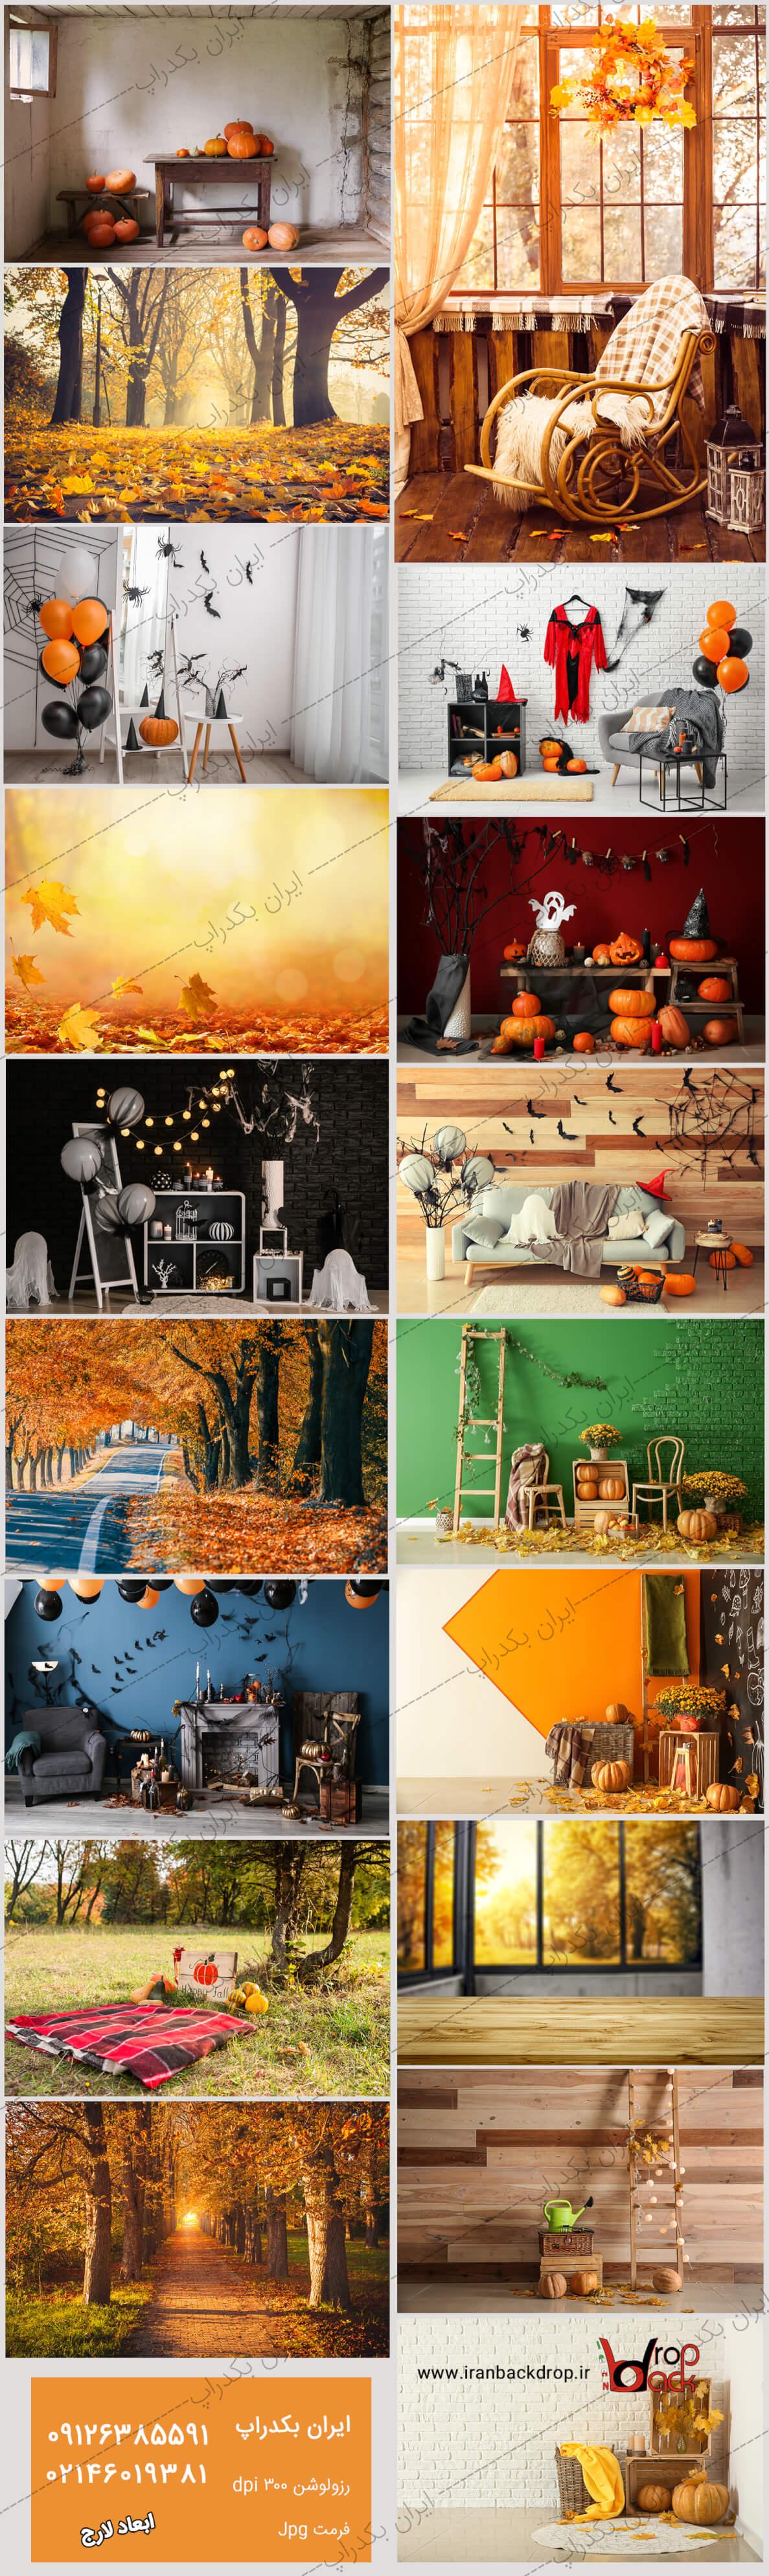 مجموعه بک گراند پاییزی